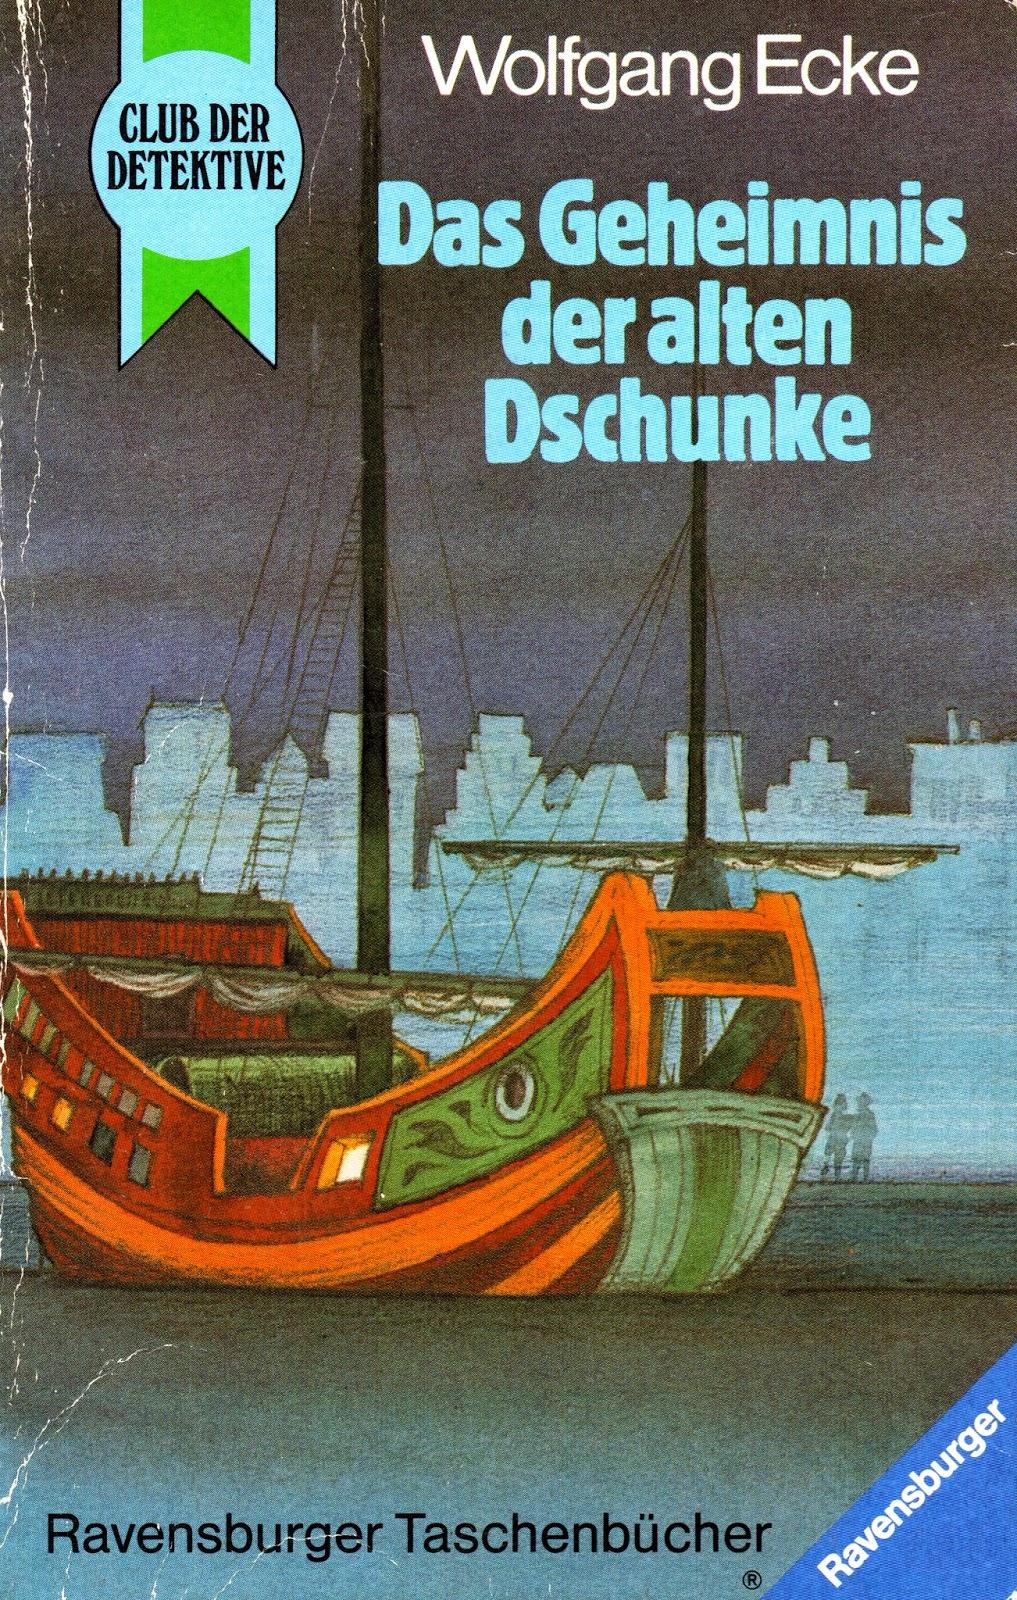 Das Geheimnis der alten Dschunke von Wolfgang Ecke